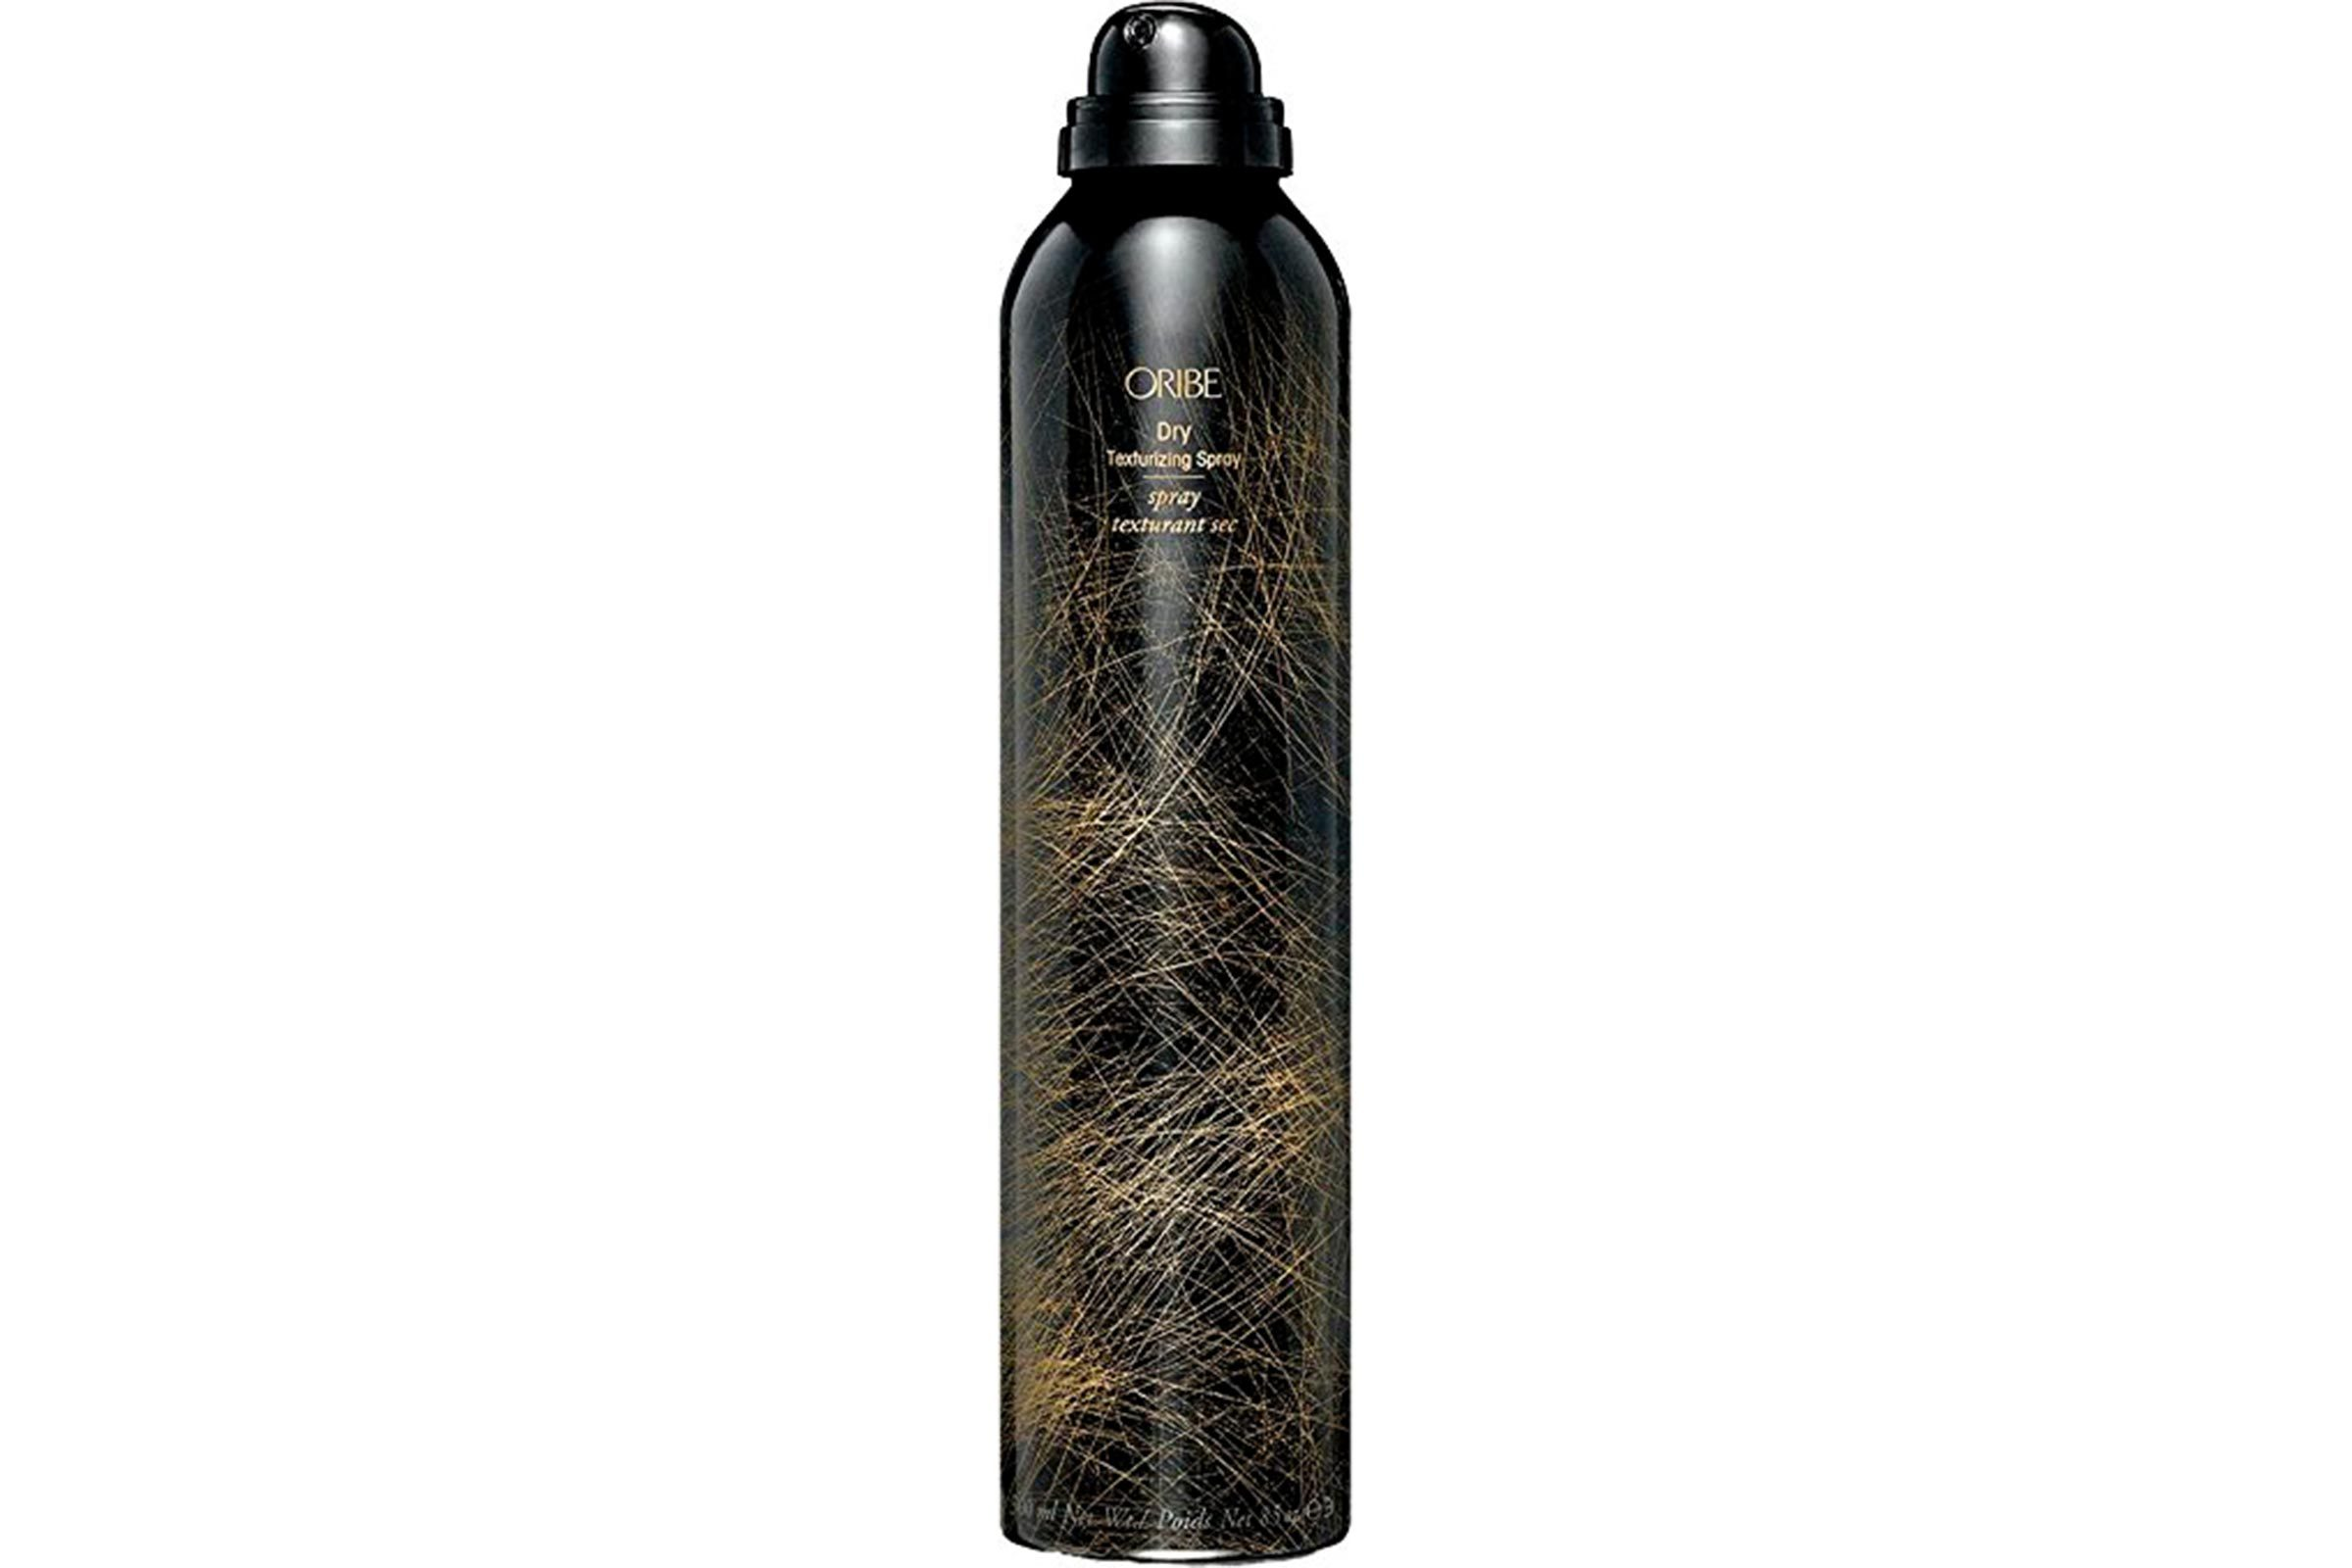 Hair texturizer spray